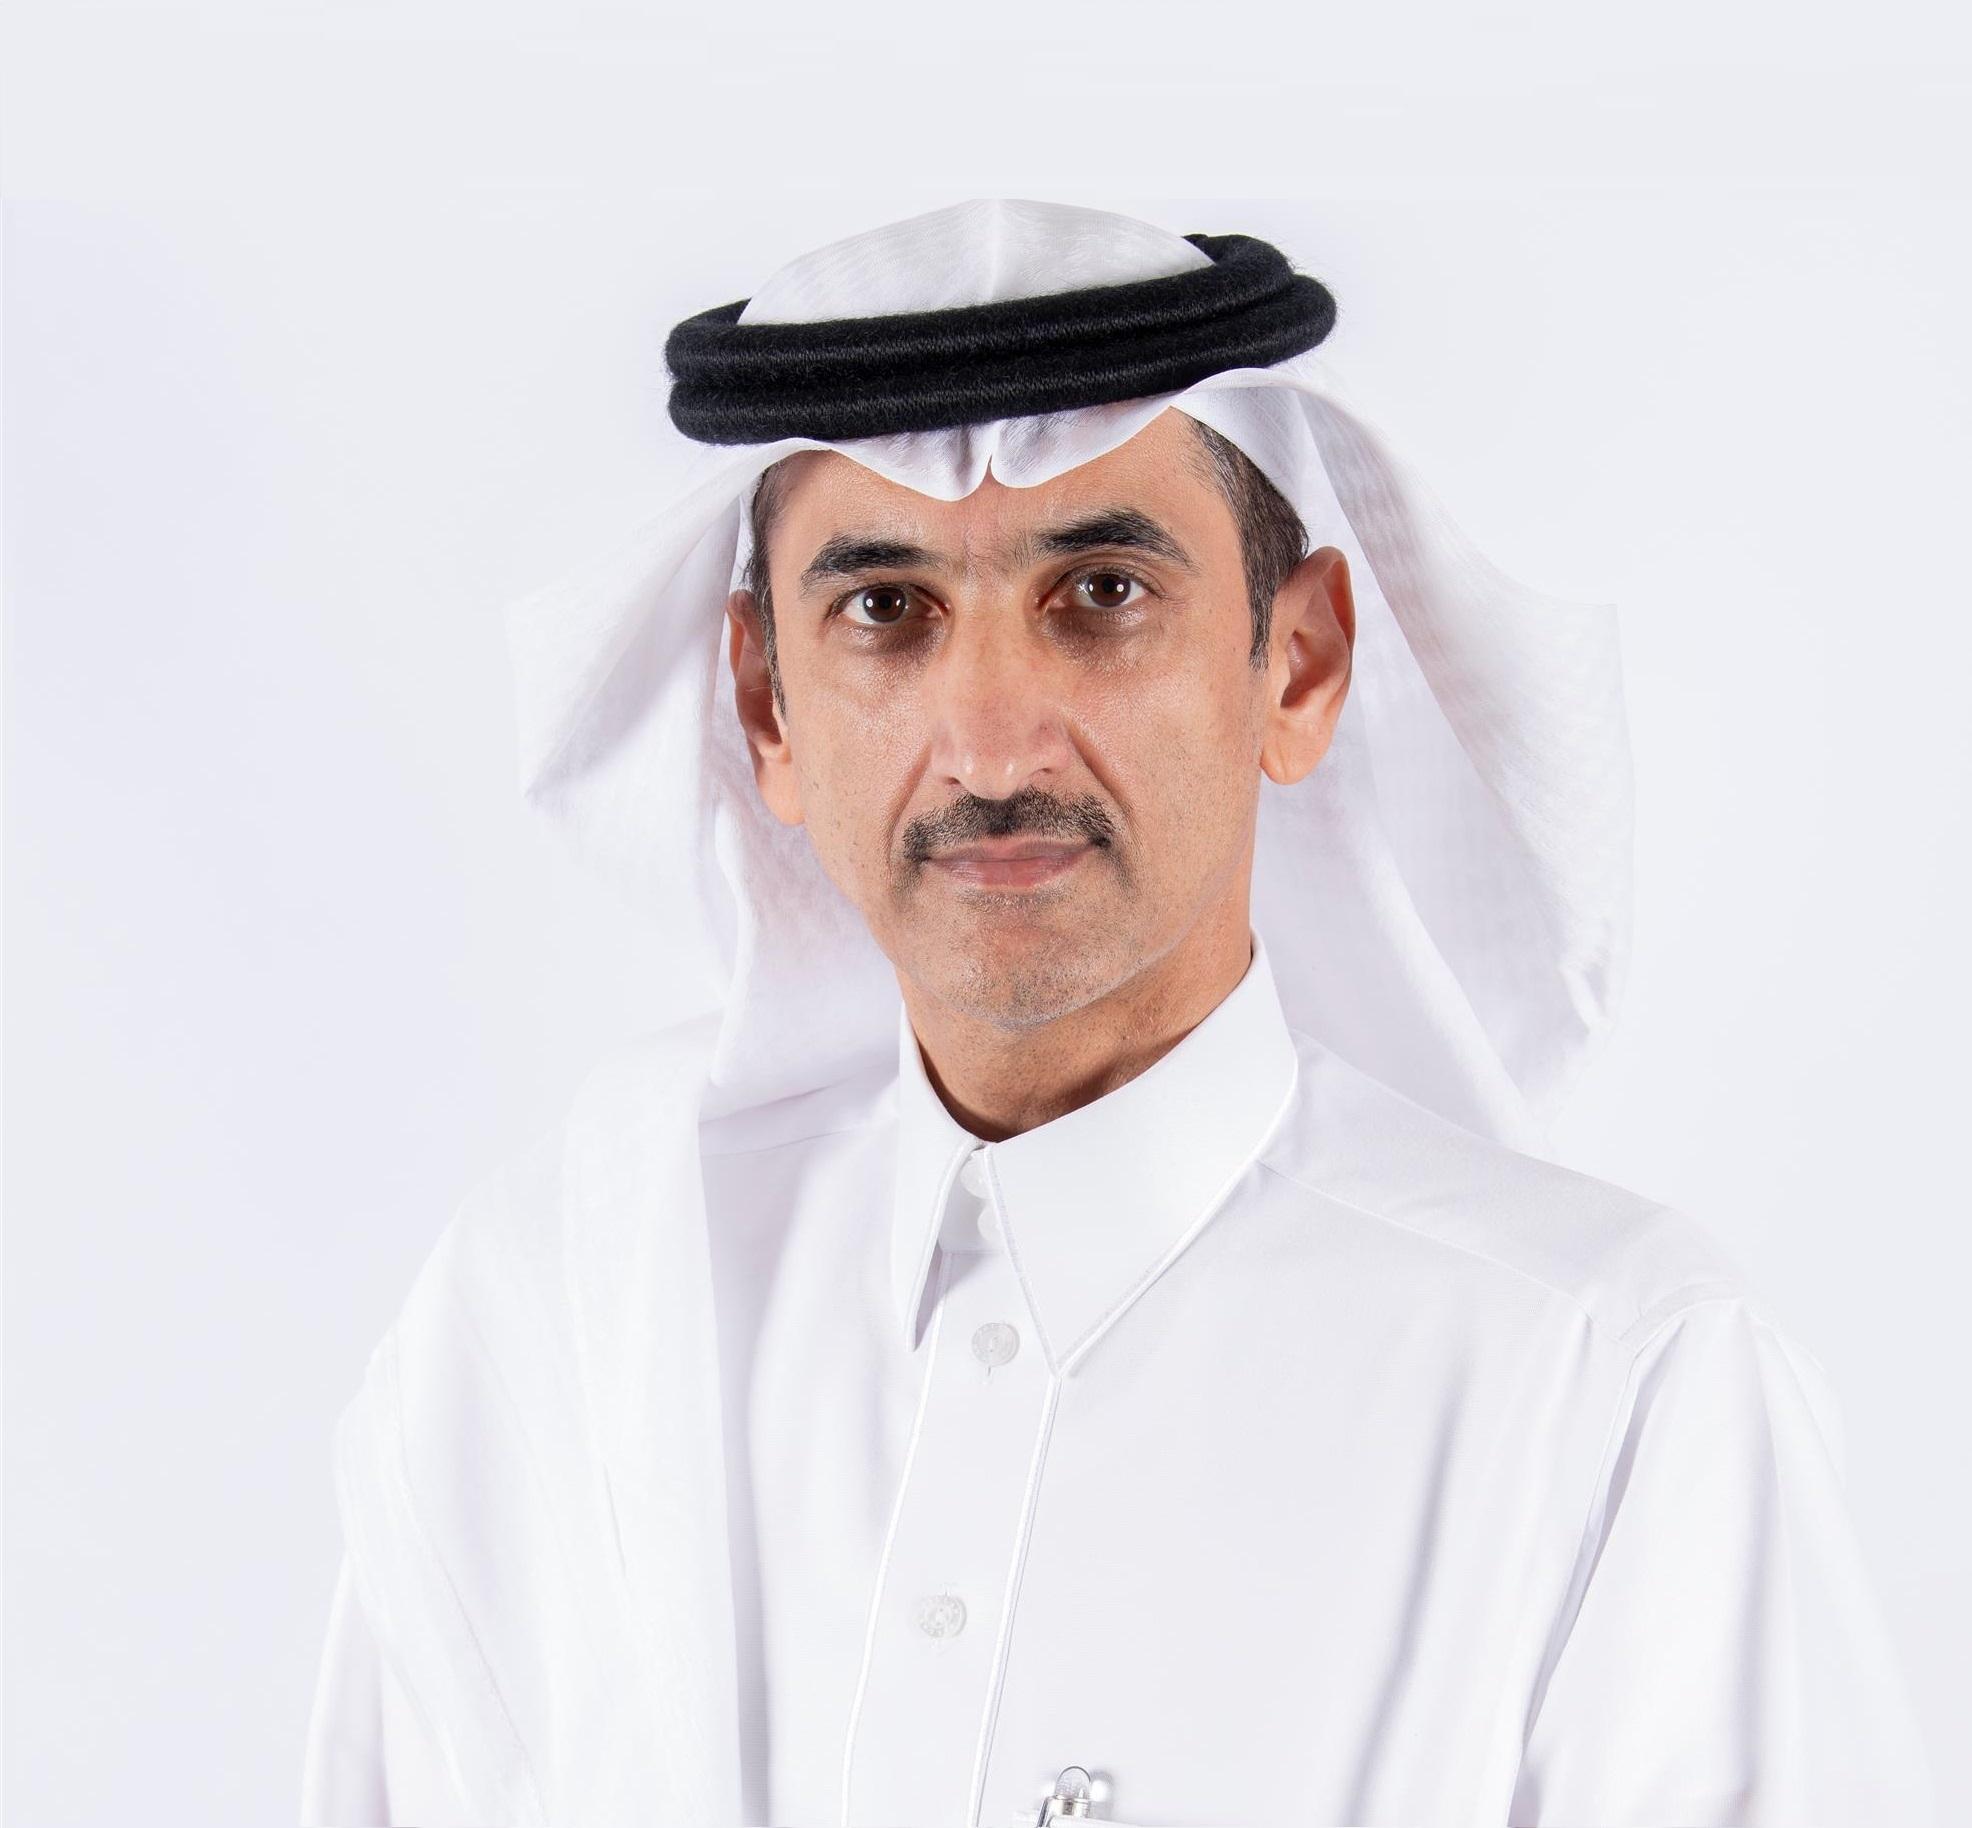 الأستاذ صالح حسين الدويس